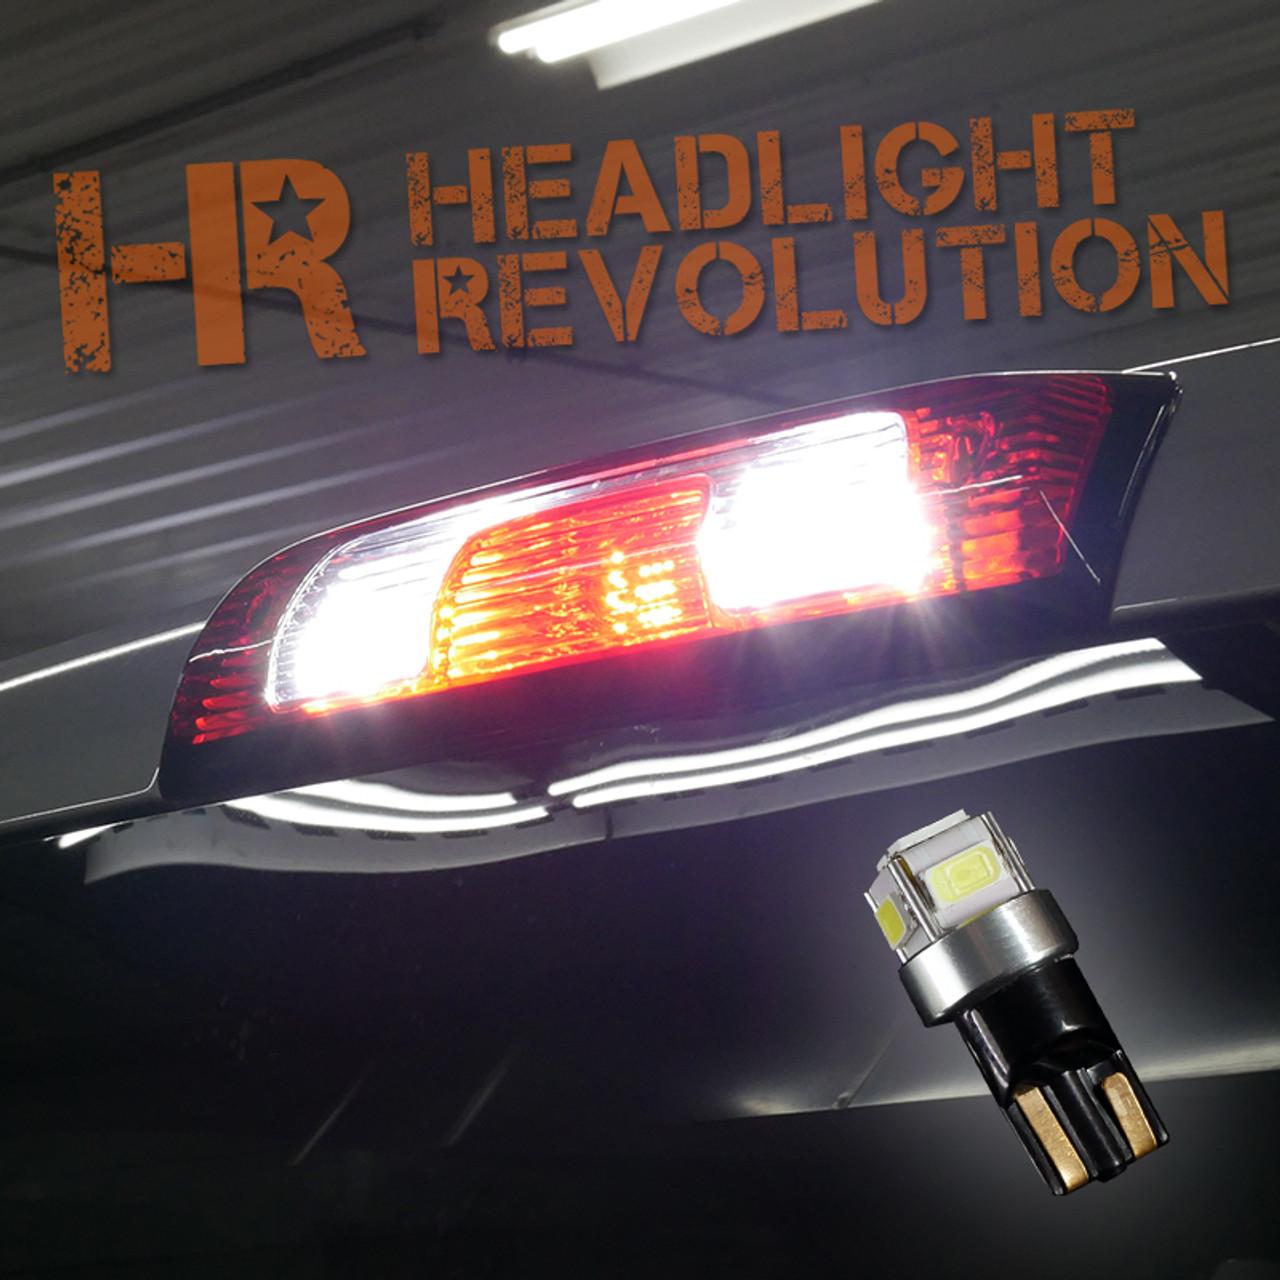 LED 3rd Brake Light for Chevy Silverado GMC Sierra High Mount Reverse Light Rear Tail Light